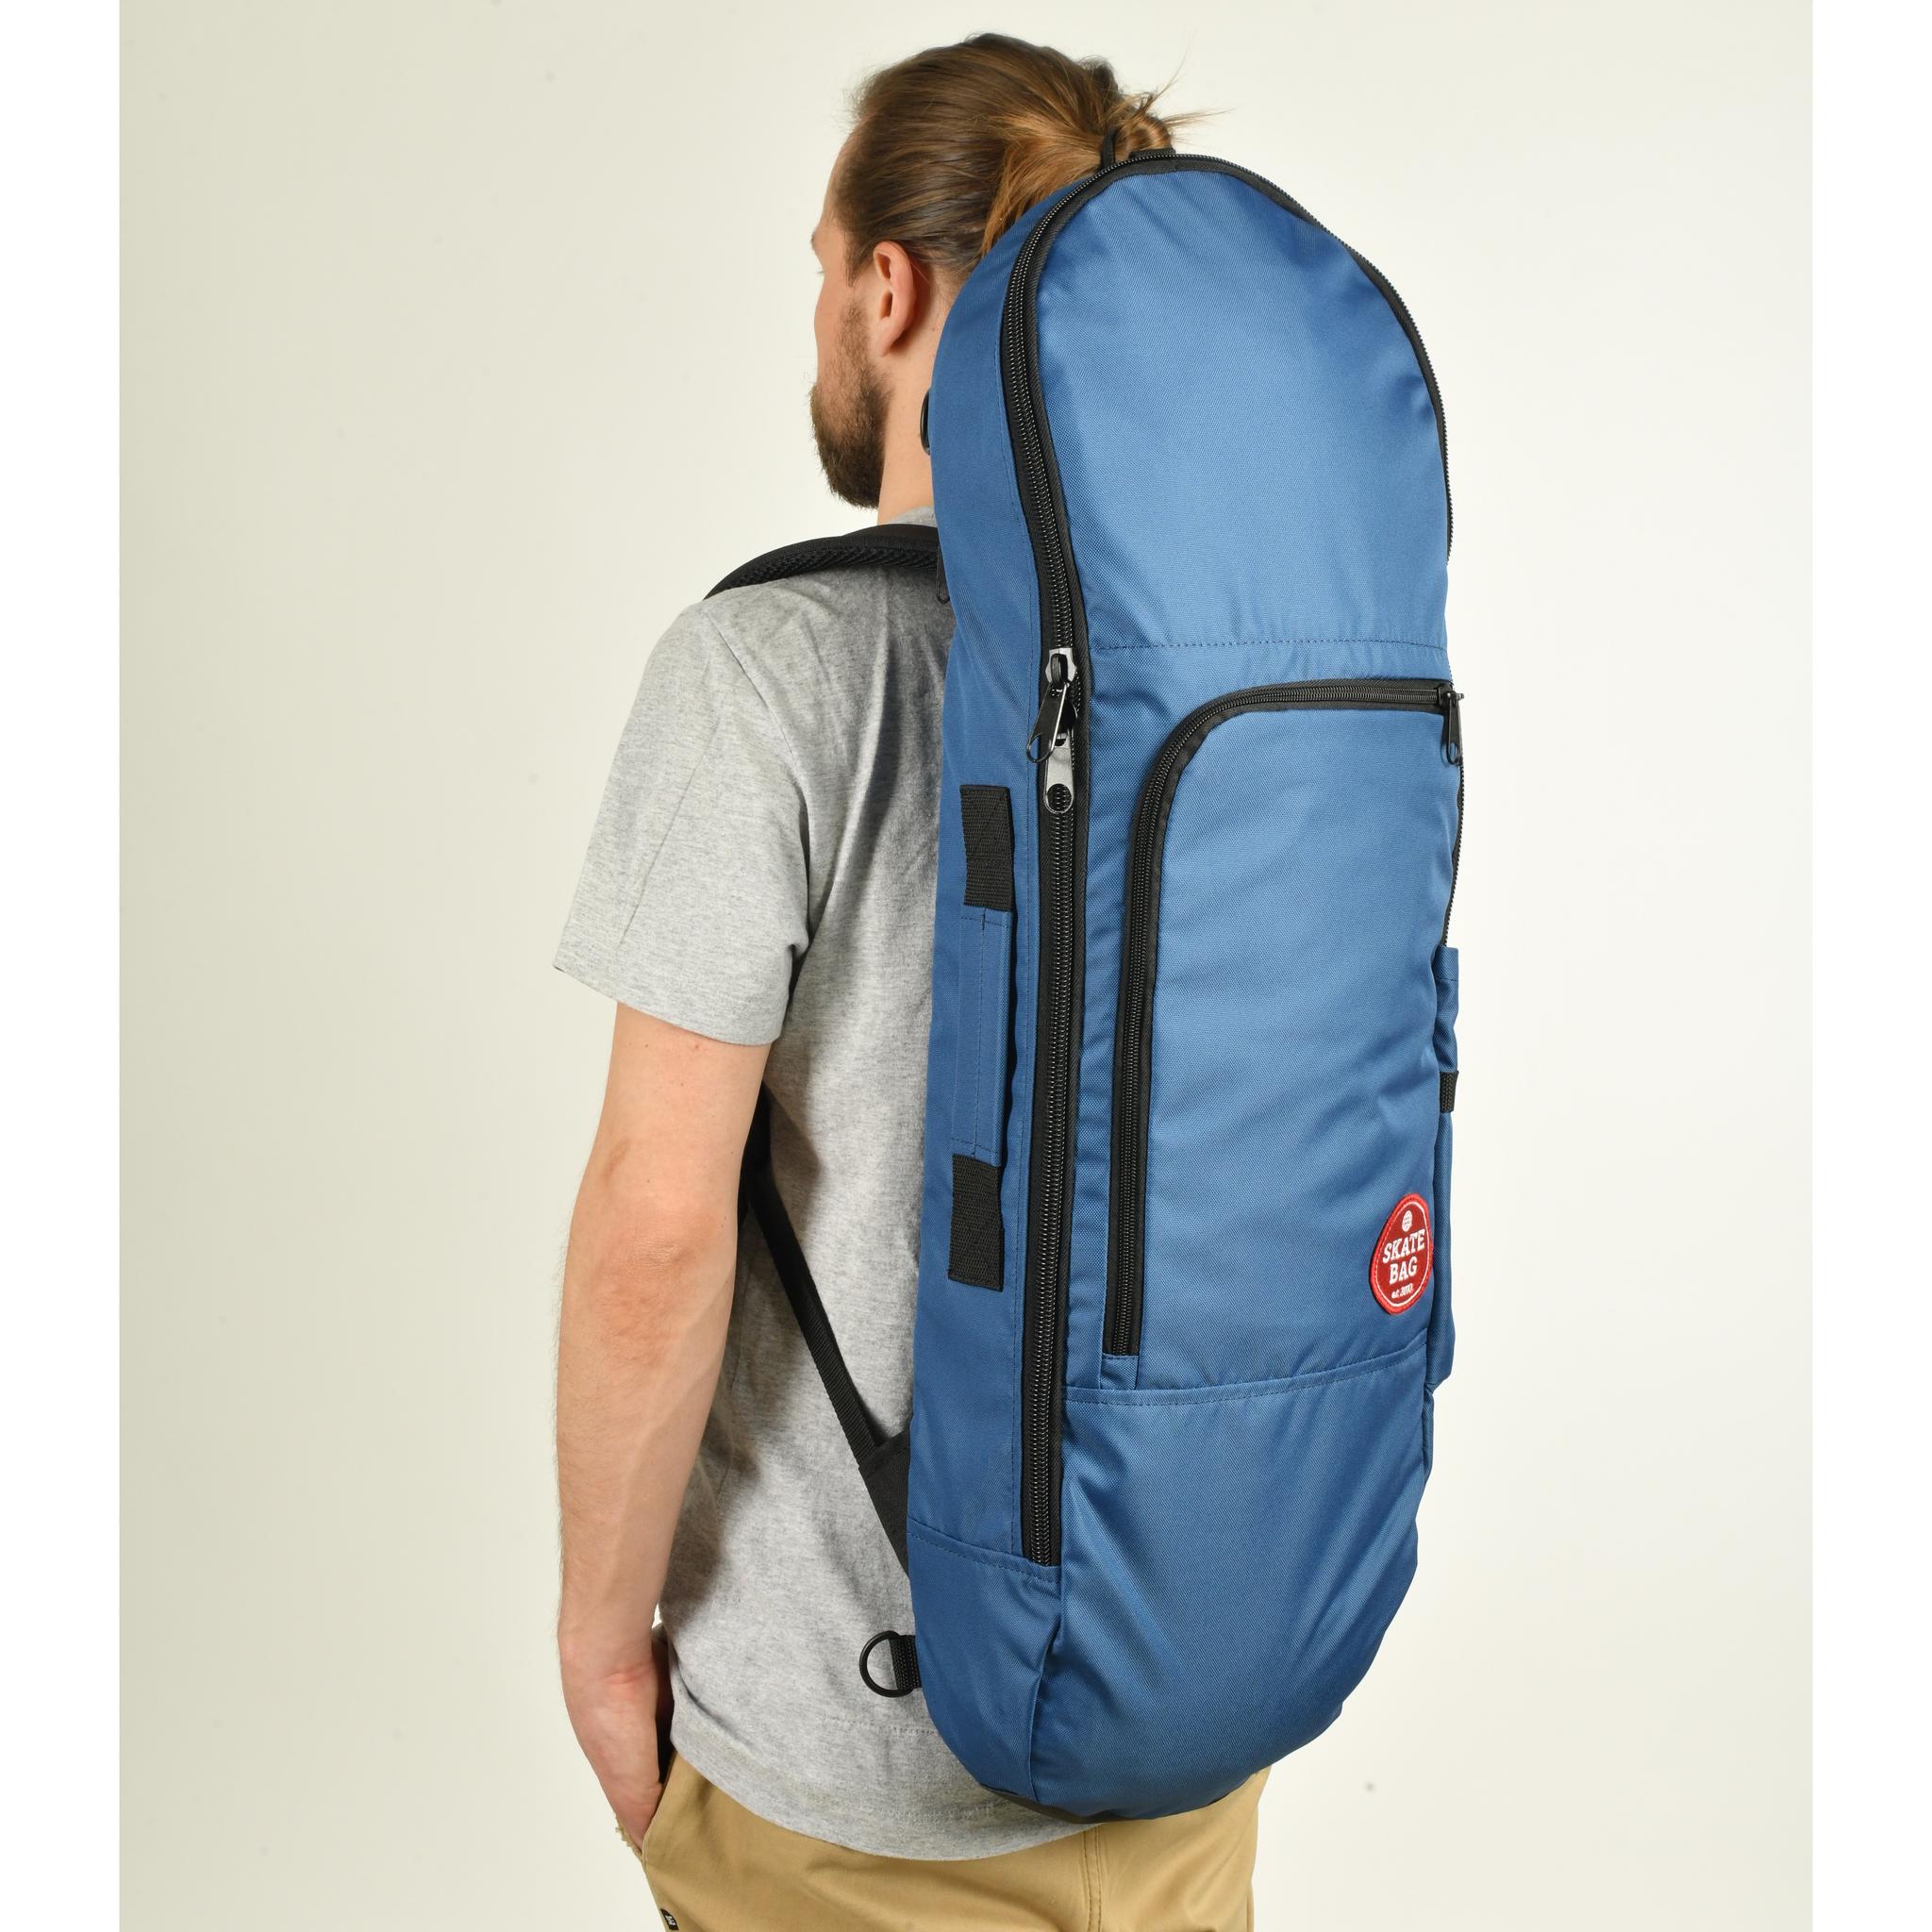 Чехол для скейтборда SKATE BAG Trip (Blue)